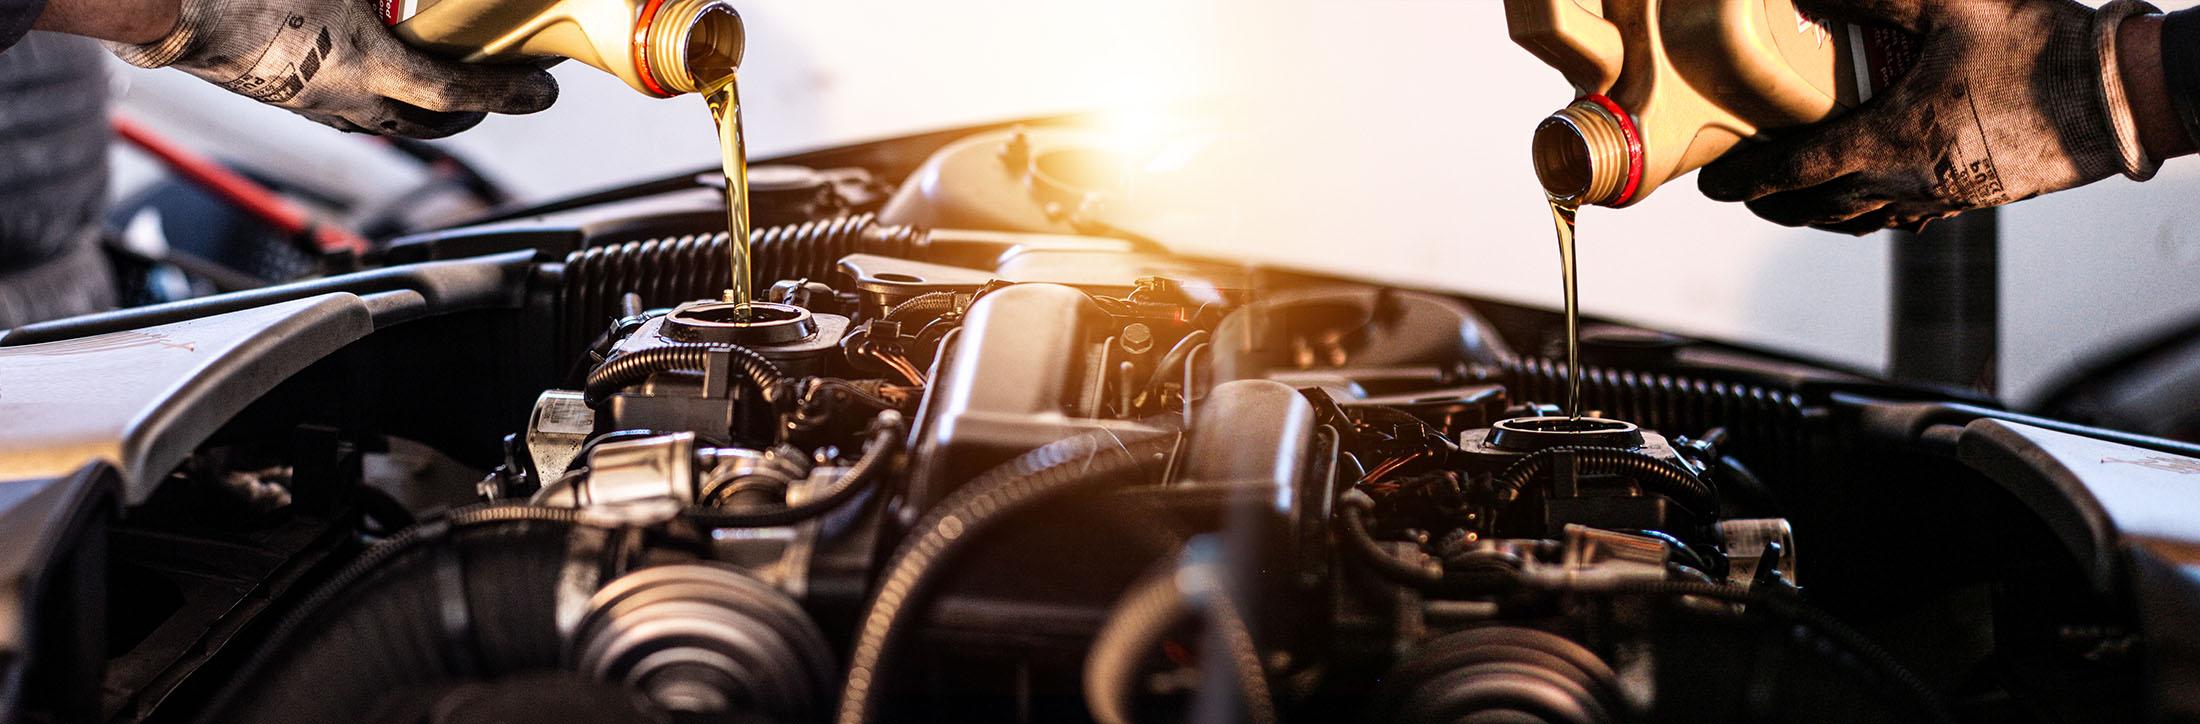 Mechaniker wechselt das Motoröl